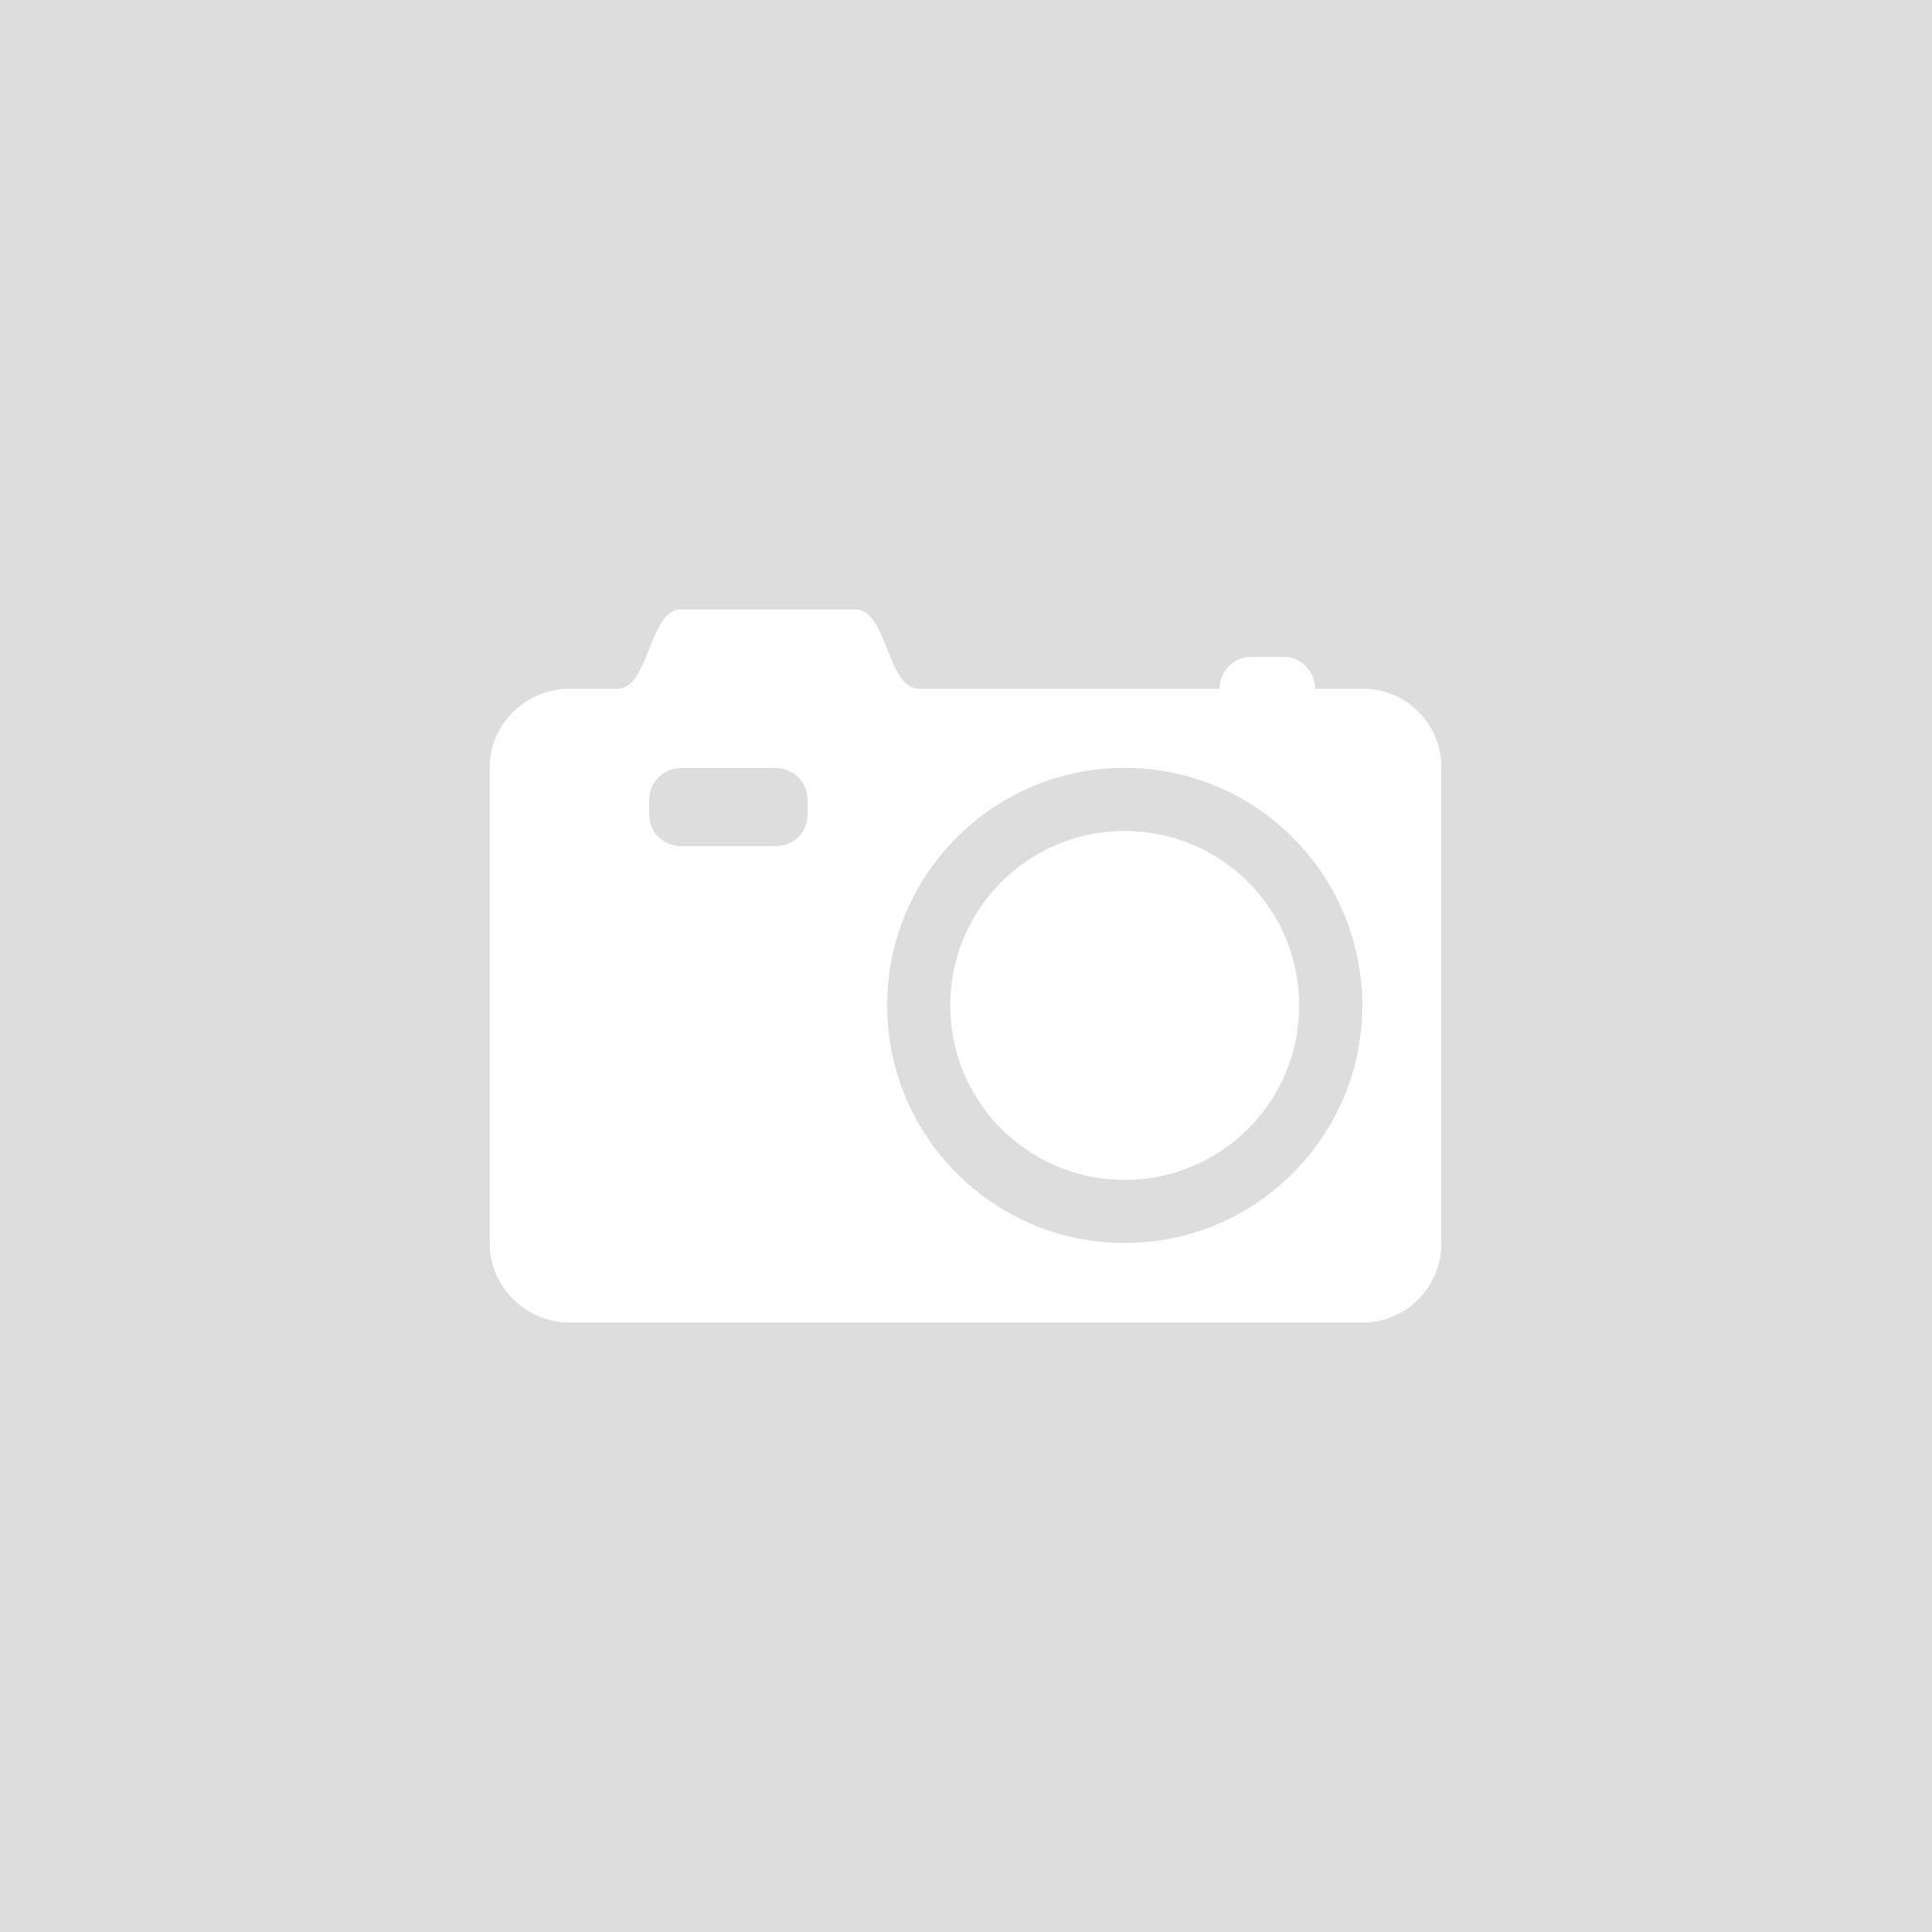 Allegretto Daisy Grasses Cream / Gold Wallpaper by Rasch 790931